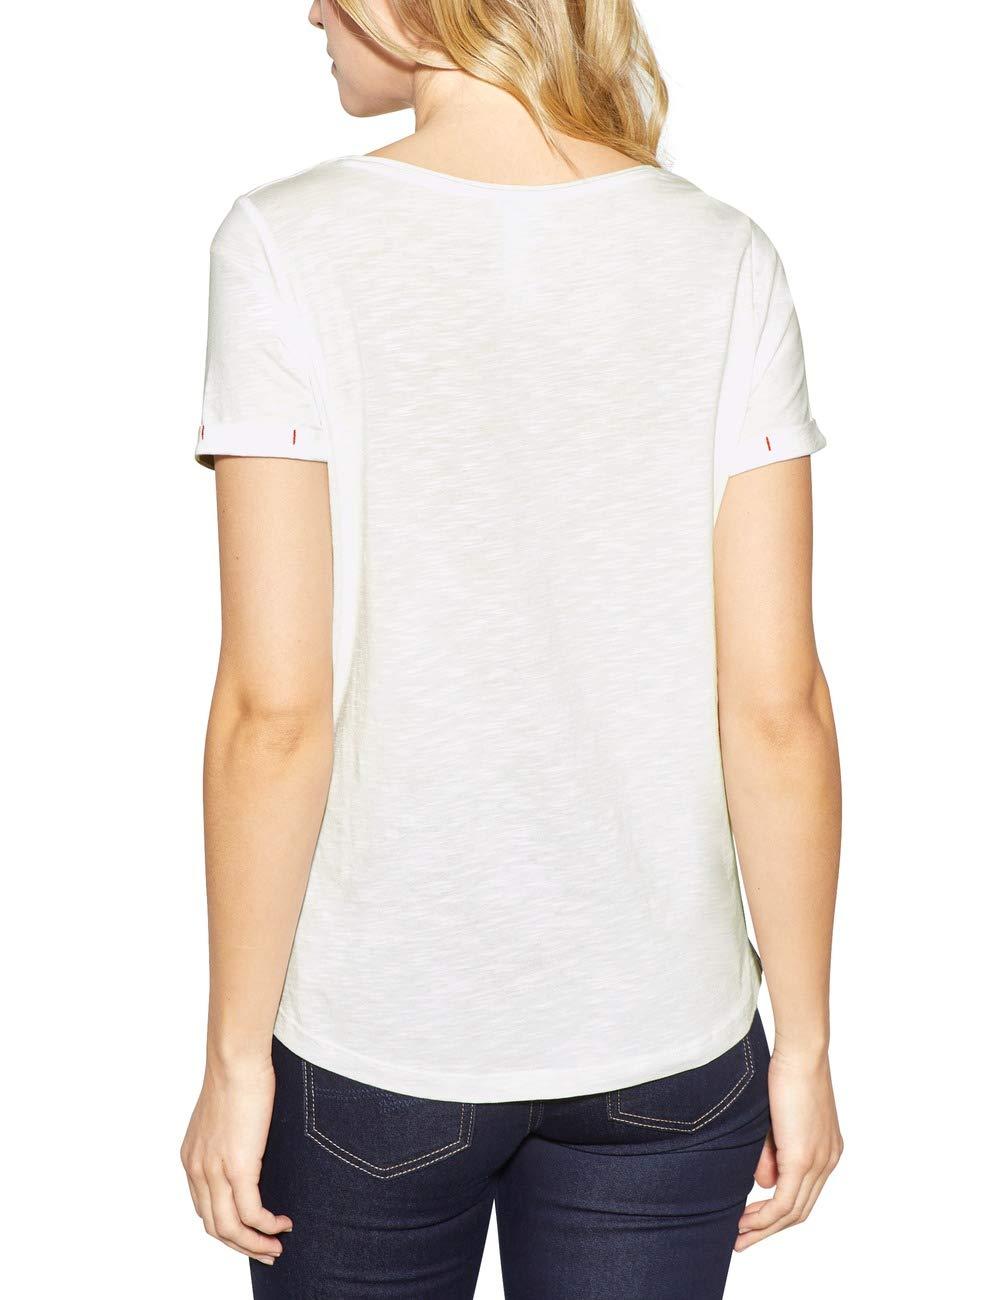 Street One Shirts in weiß günstig kaufen